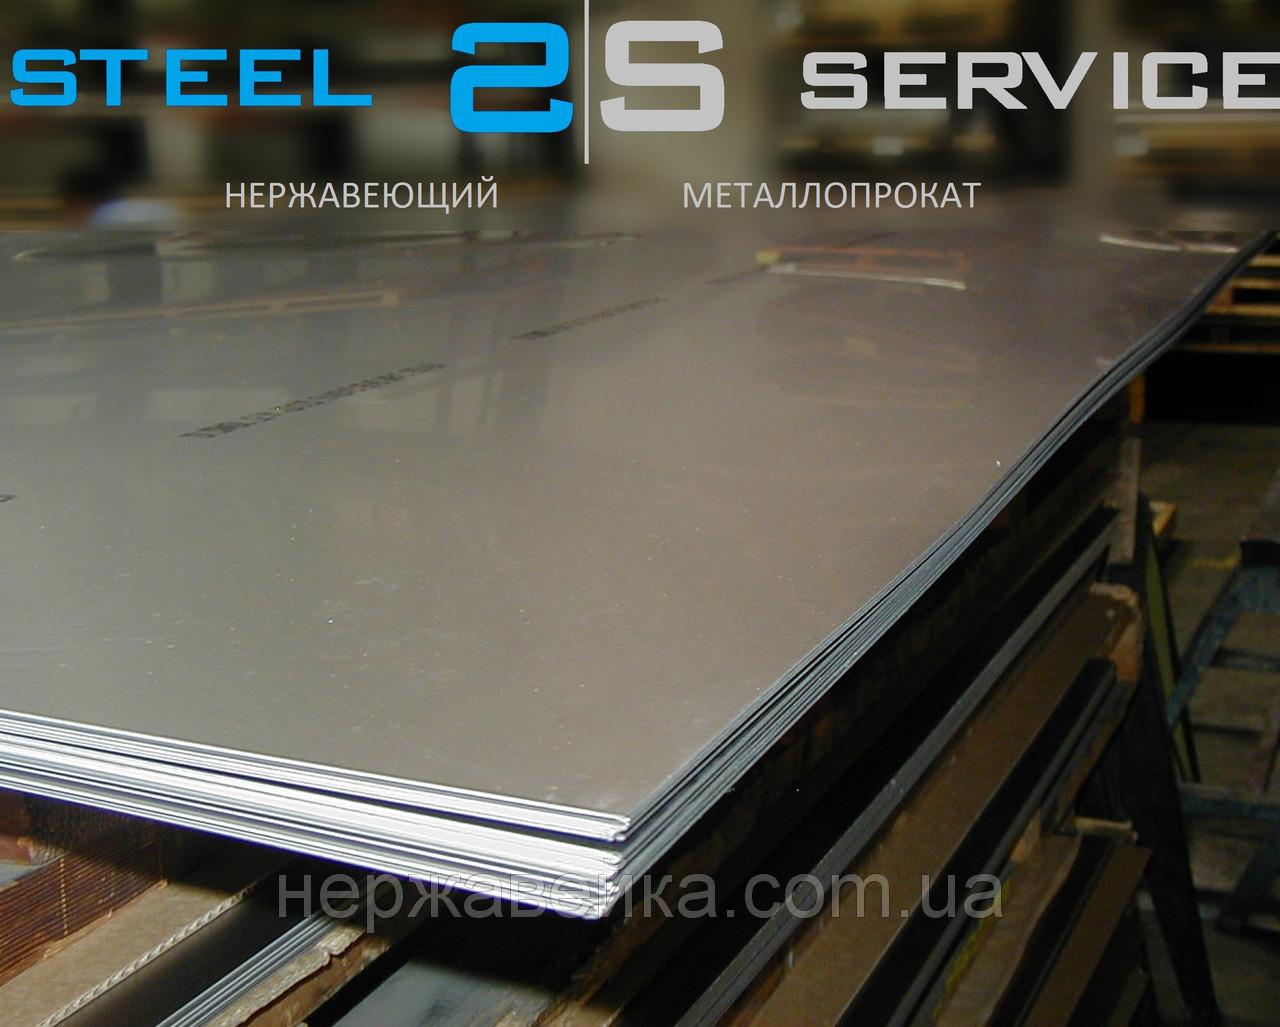 Нержавейка лист 3х1250х2500мм  AISI 304(08Х18Н10) BA - зеркало,  пищевой